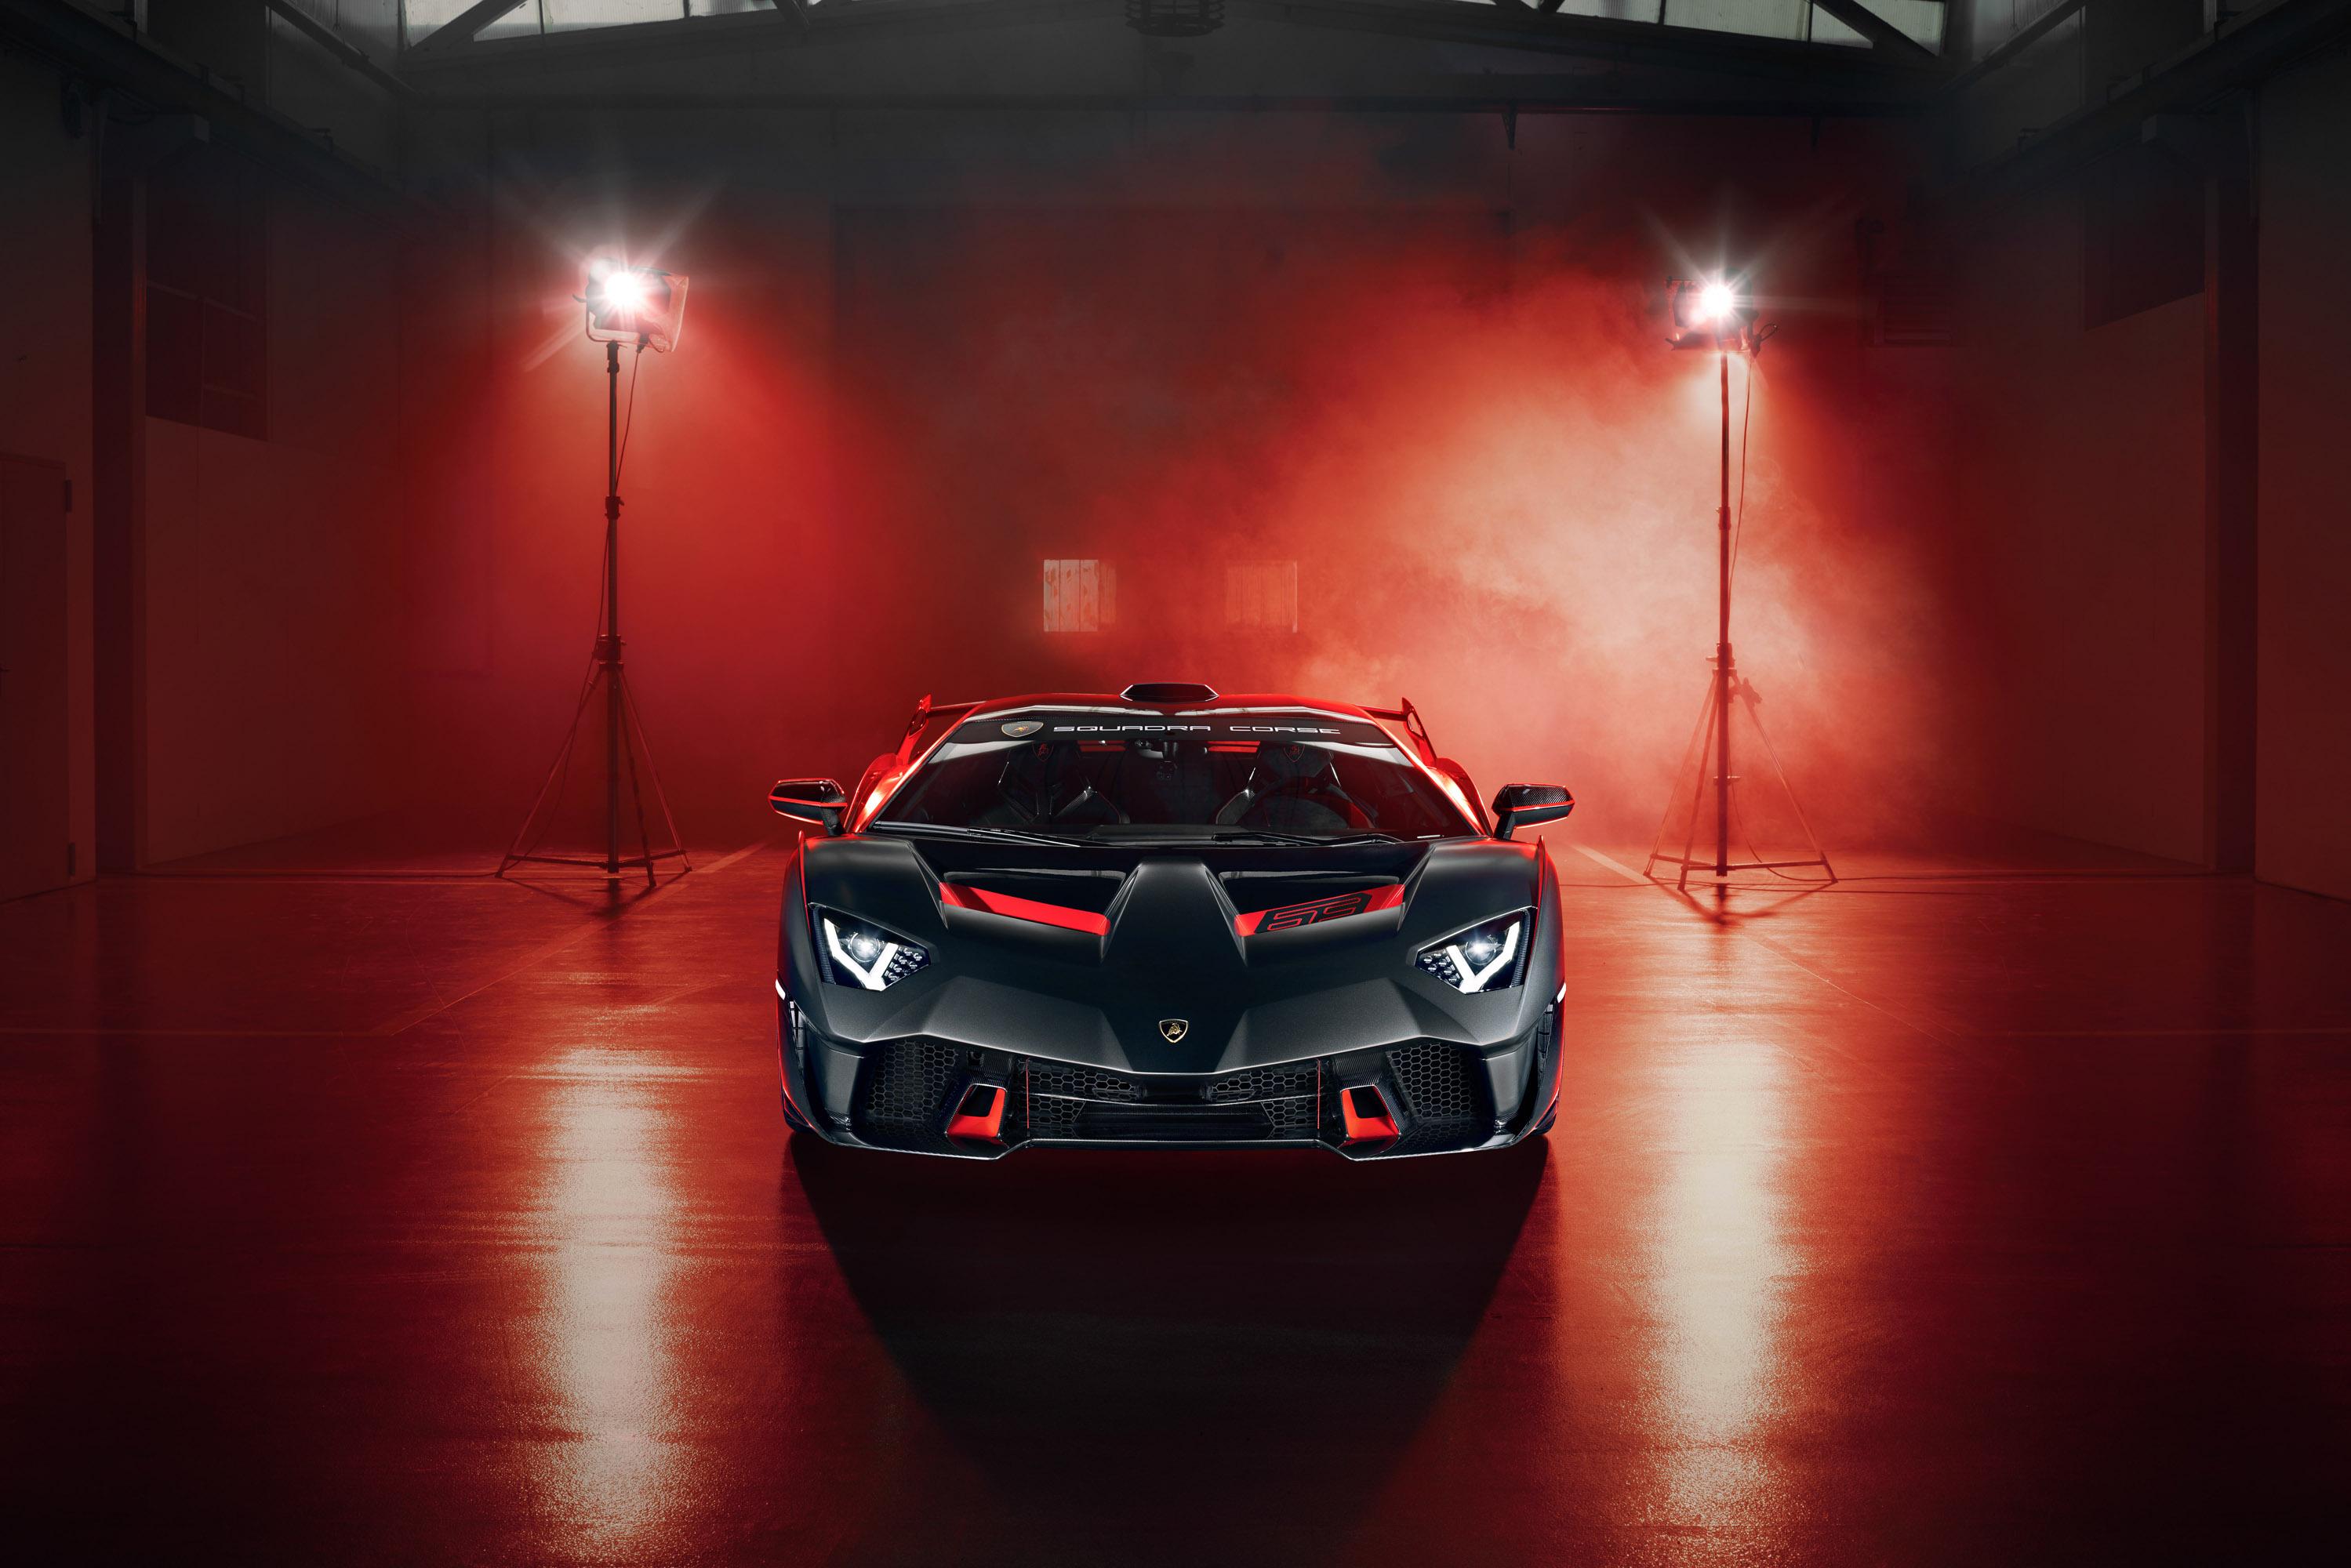 Lamborghini Team Announces Details About New Sc18 Alston